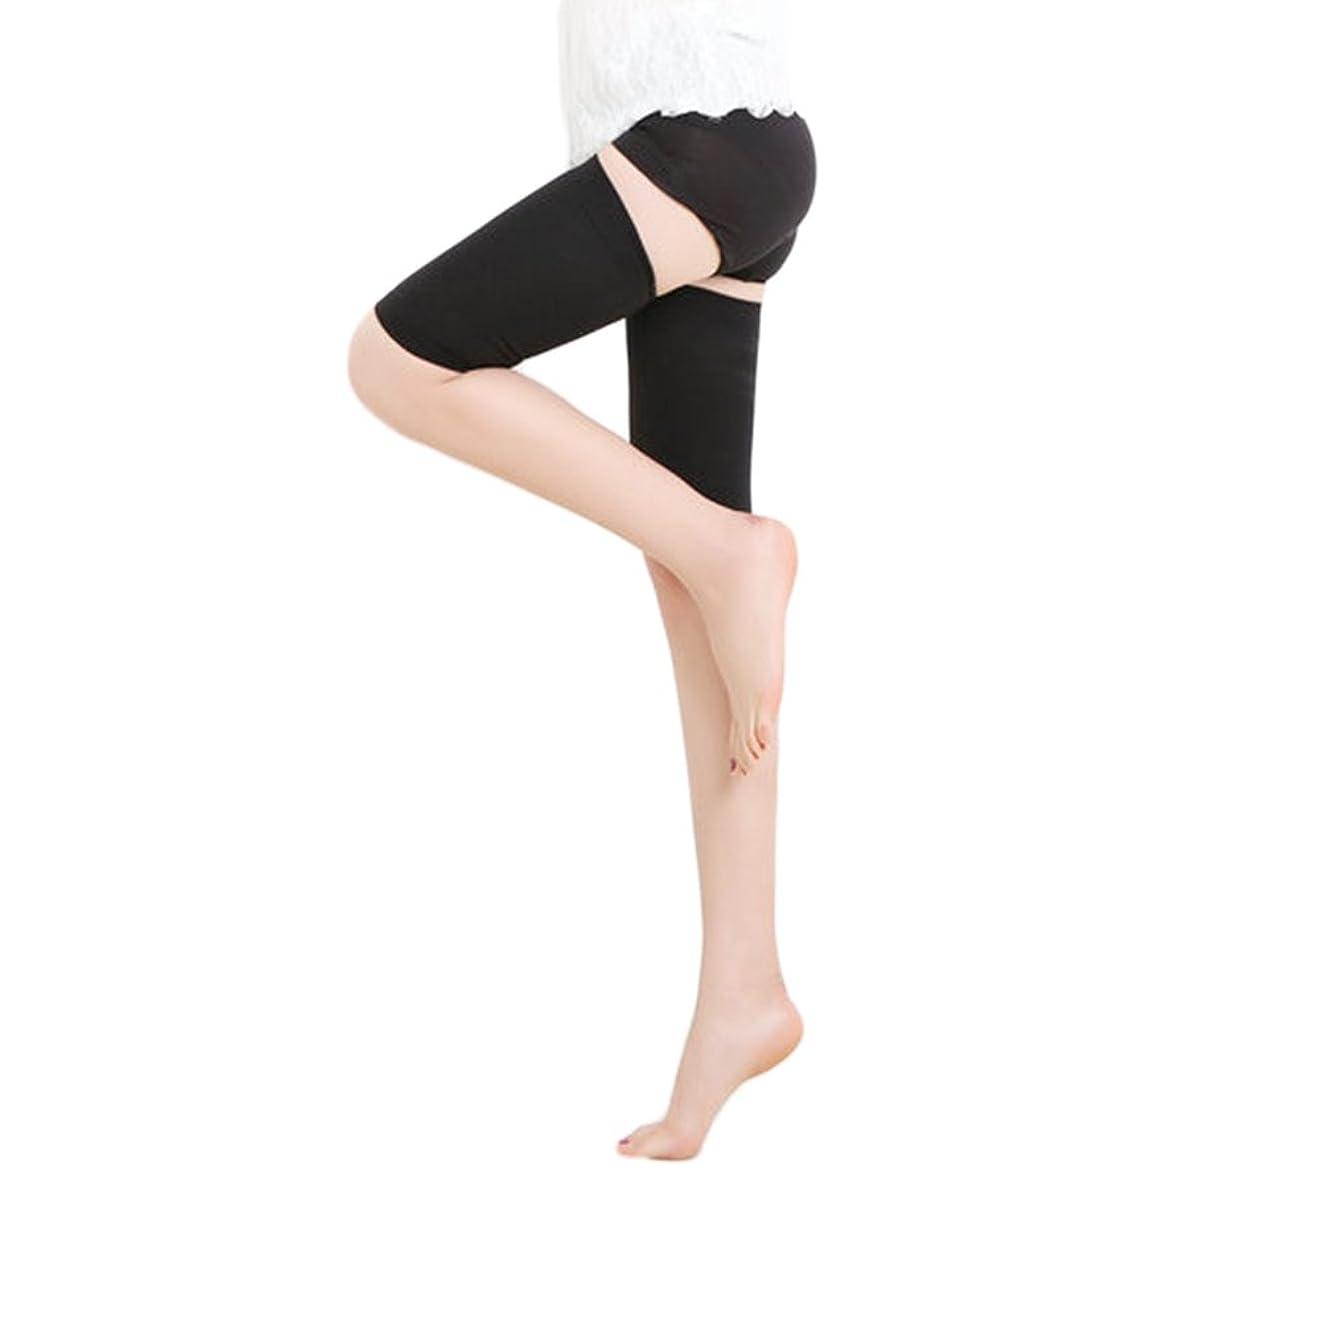 立方体献身カストディアンMEJORMEN 加圧 太ももサポーター 着圧ソックス 段階式圧力設計(30-40mmHg) 痩せ 筋肉質 美脚ケア 保温 通気性 太ももの疲れ?むくみ解消 1足 男女兼用 2色 M~XL